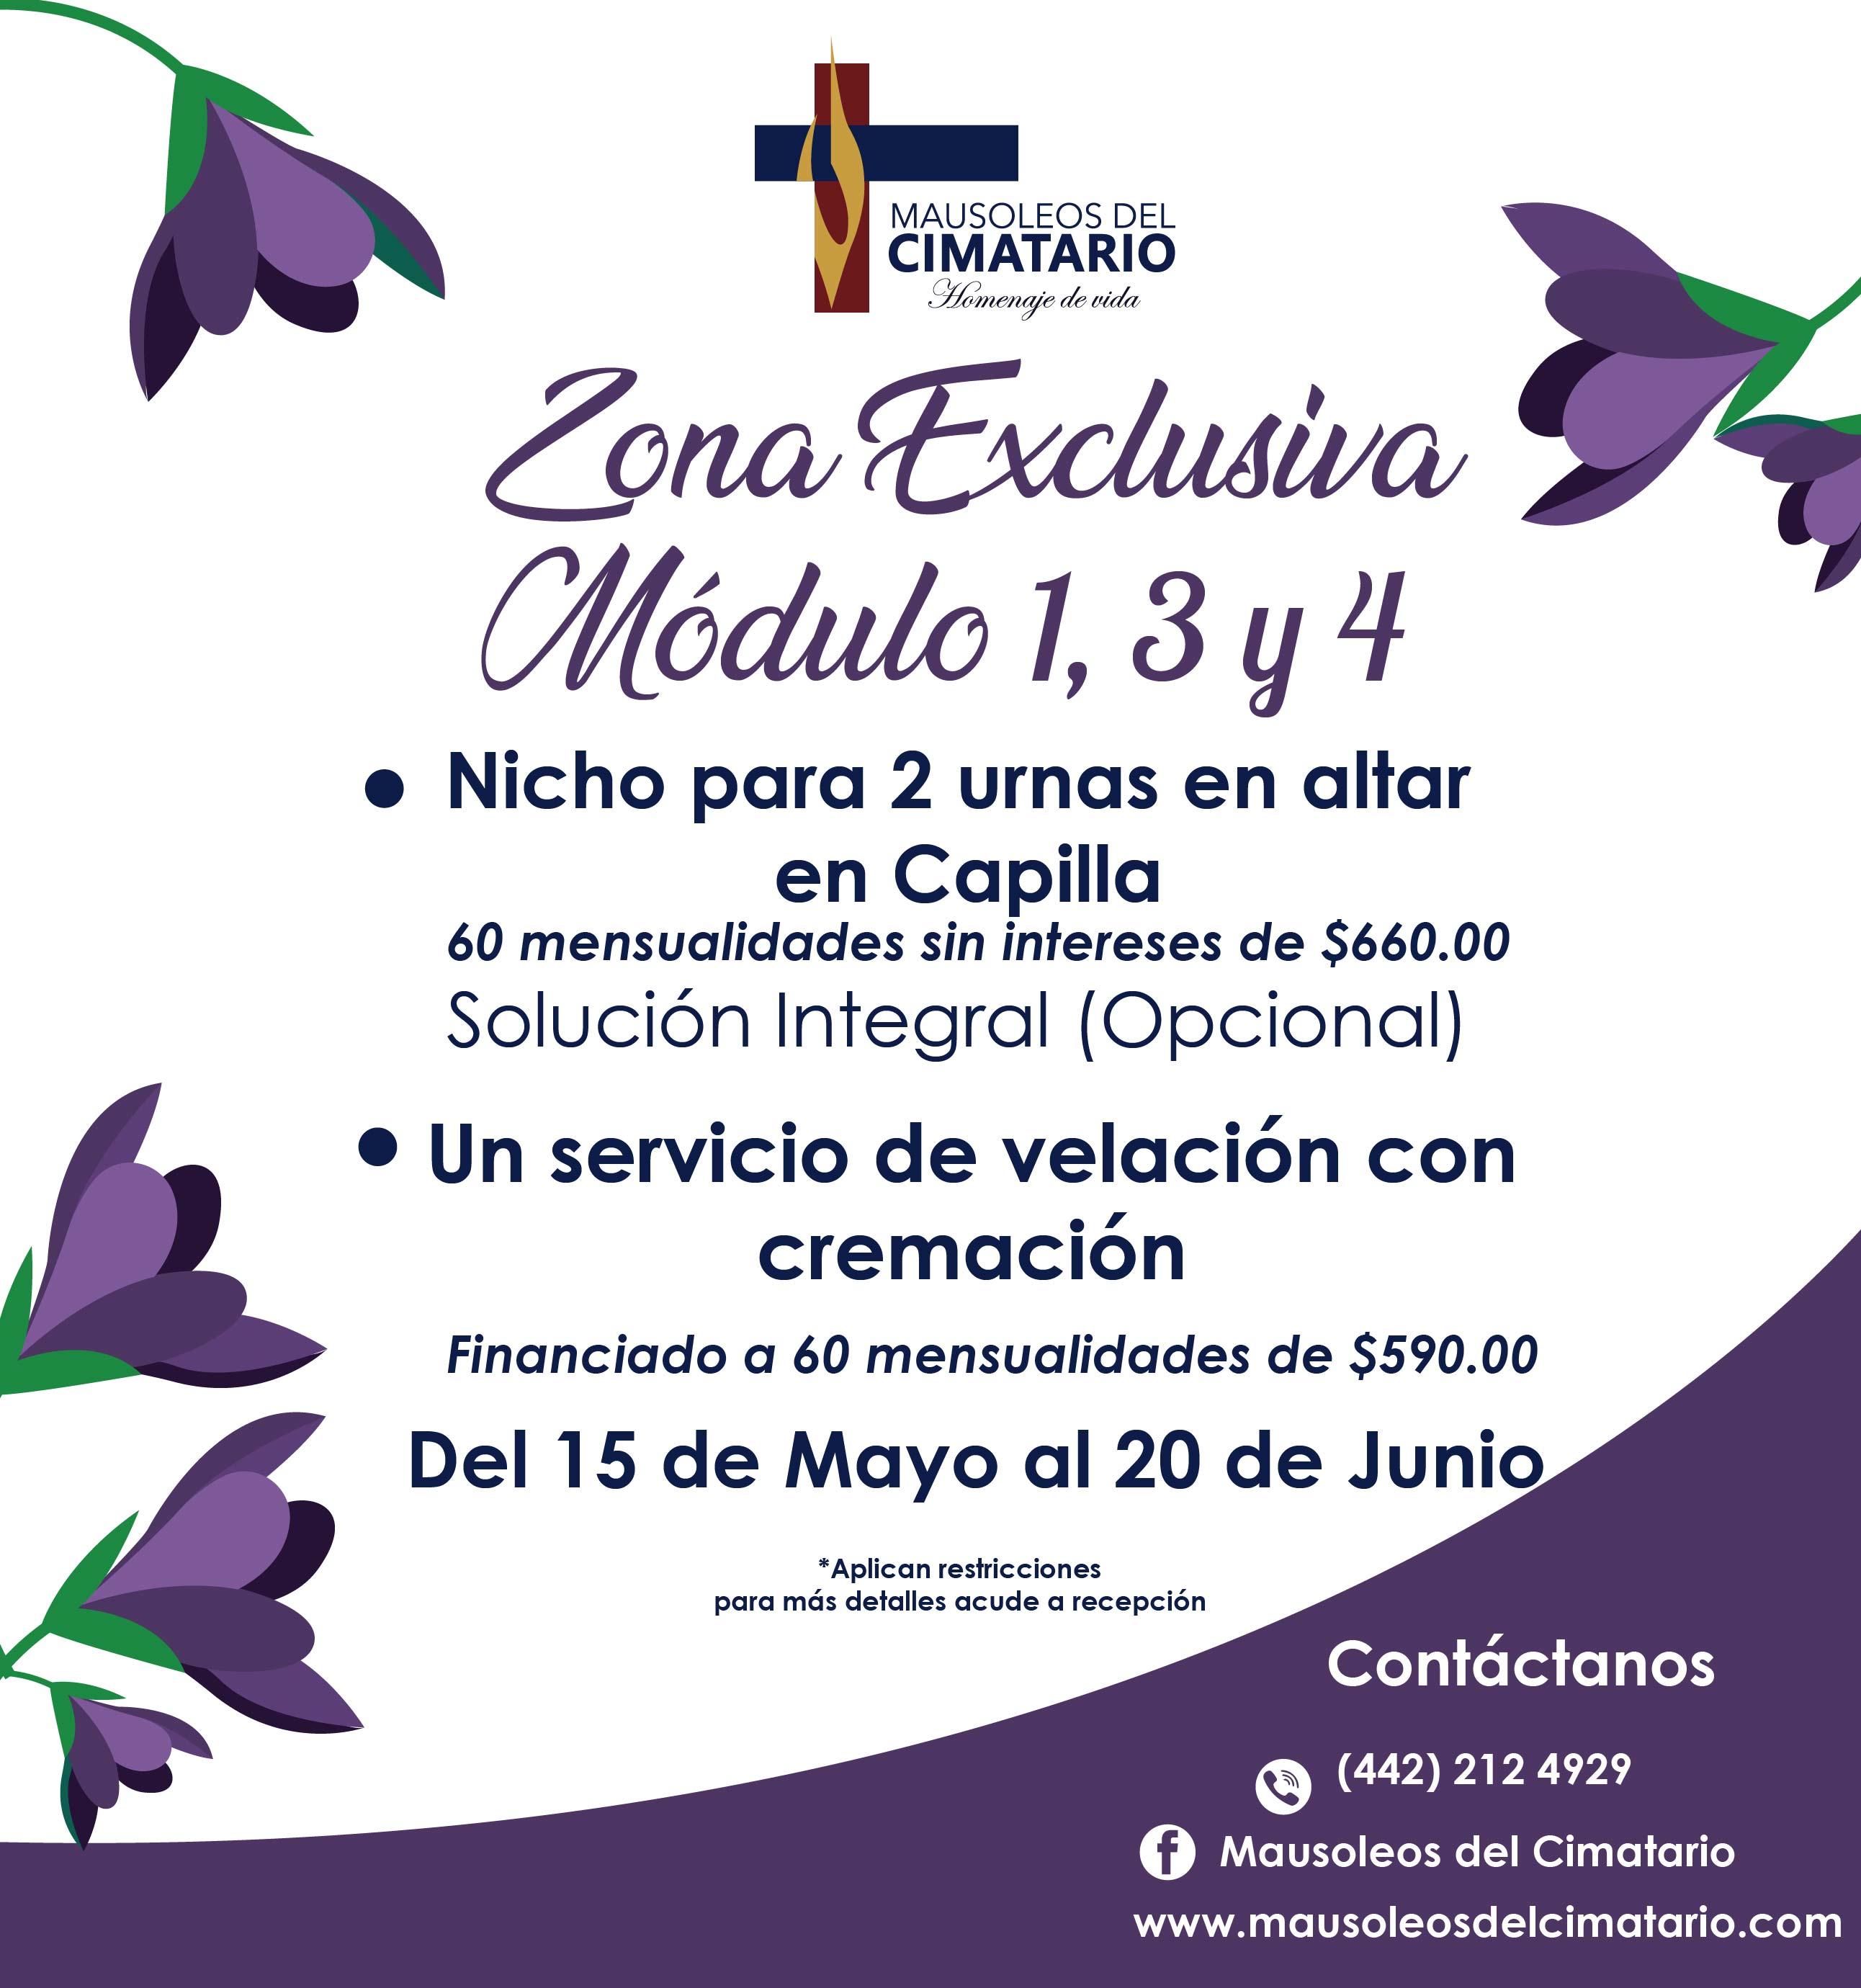 Promoción Mayo/Junio Mausoleos del Cimatario